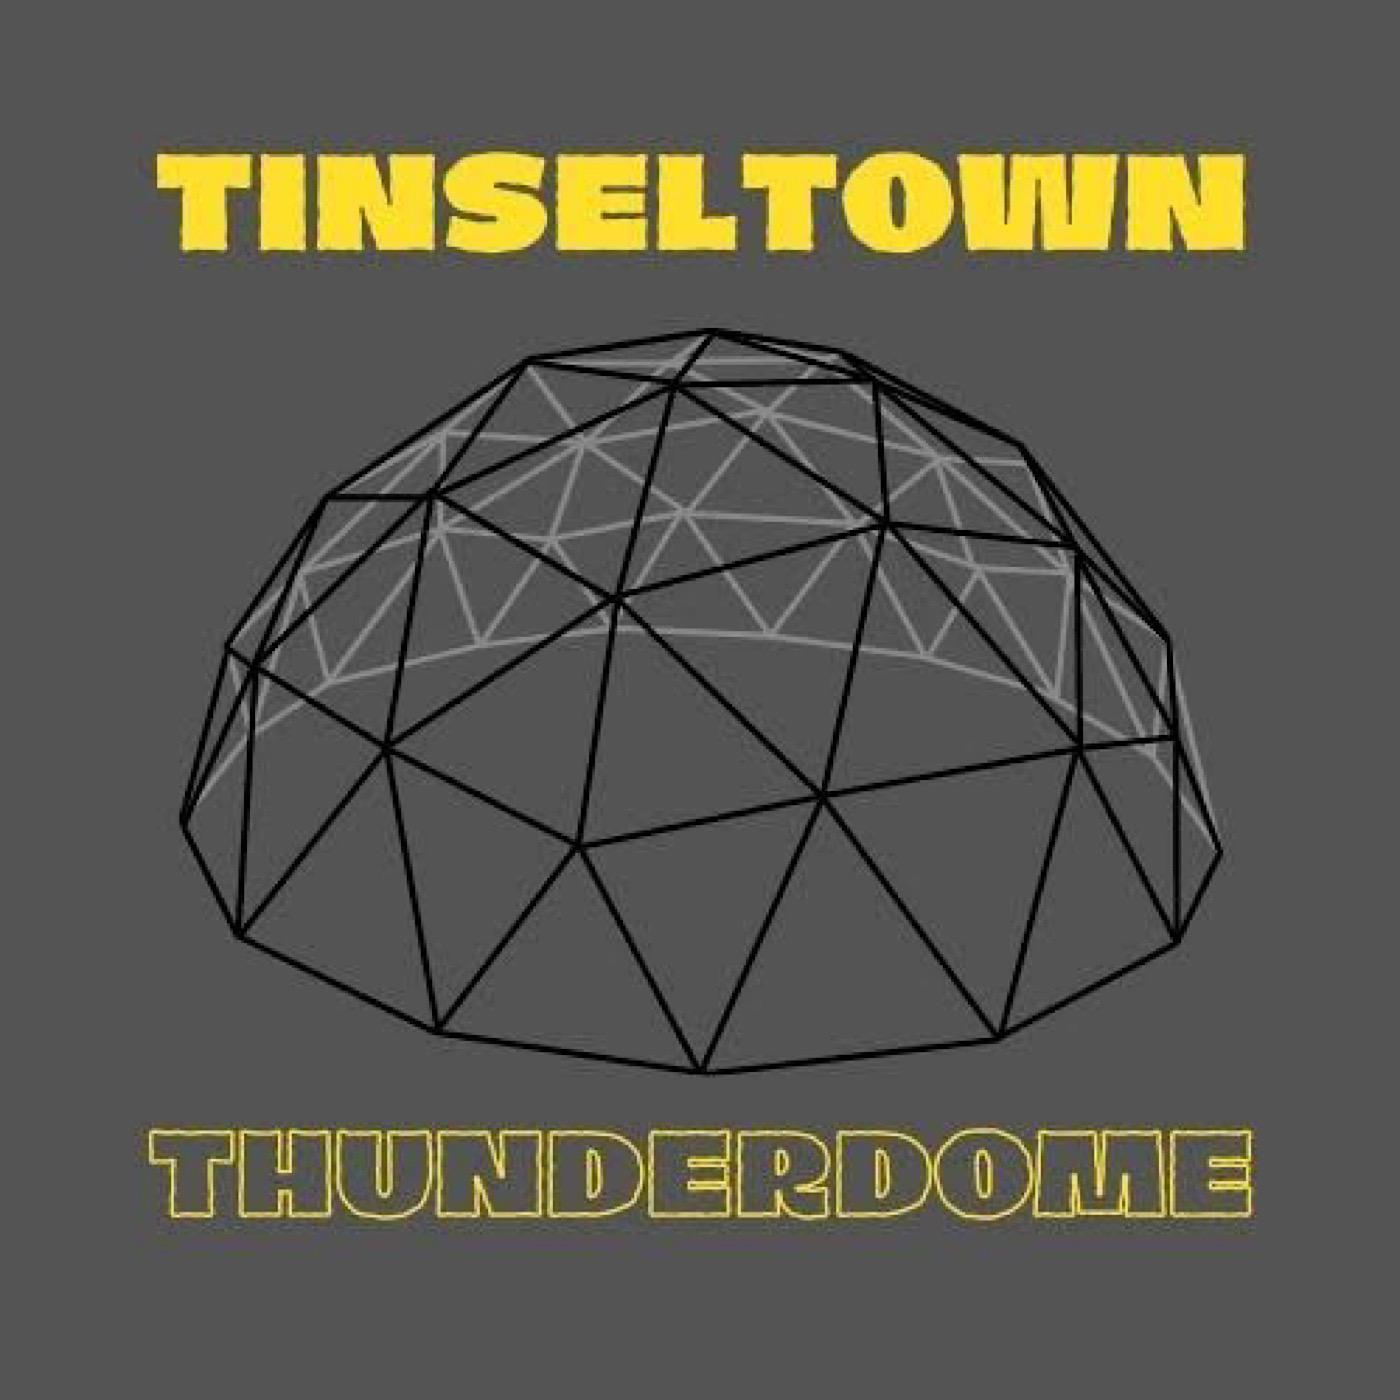 Tinseltown Thunderdome